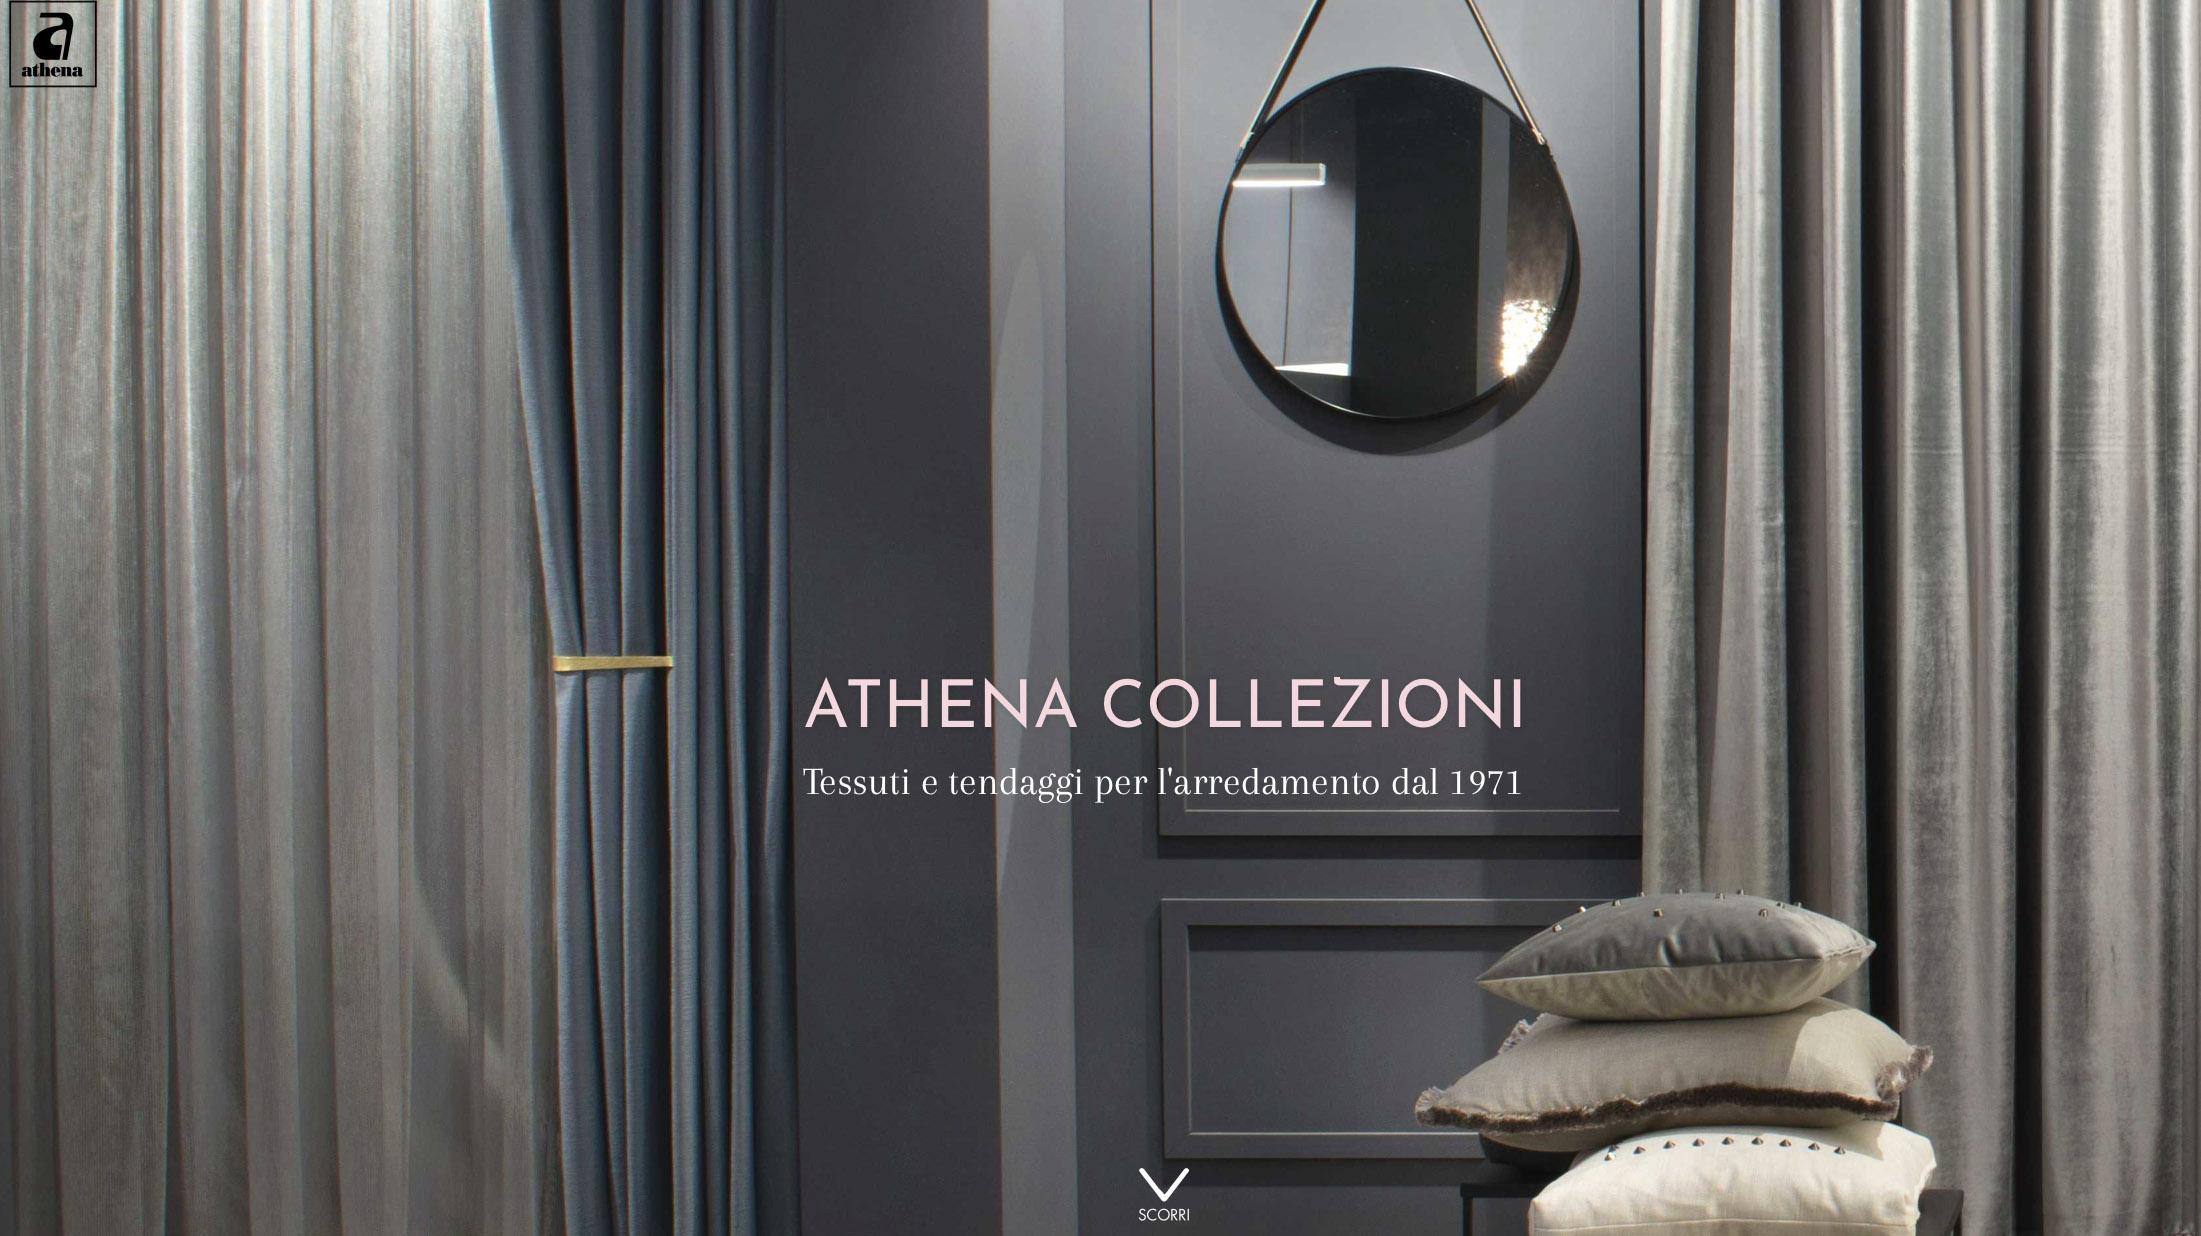 Tende E Tendaggi Milano athena collezioni   tessuti e tendaggi per l'arredamento